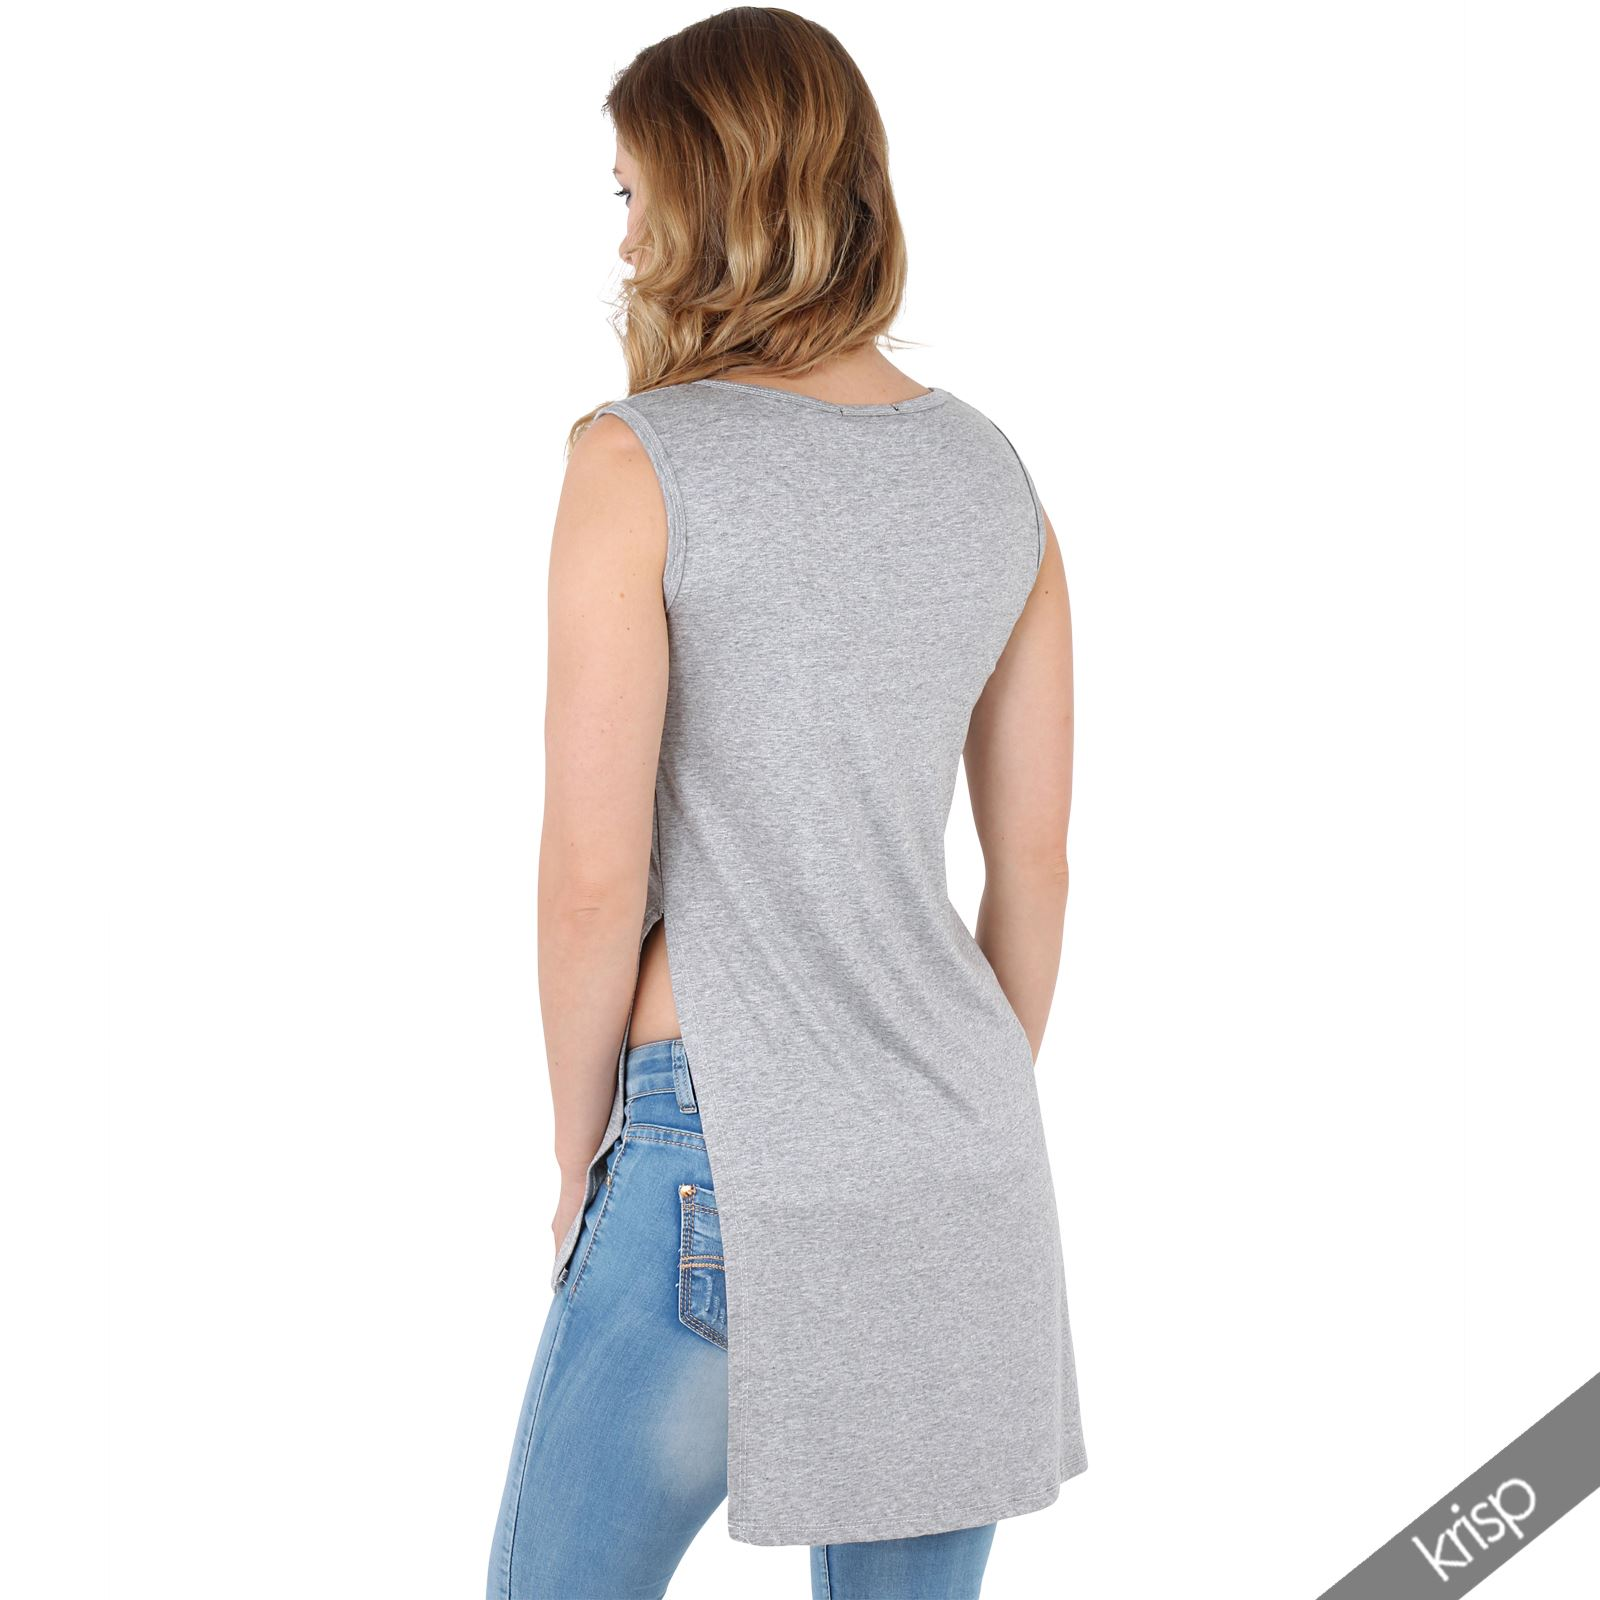 tee shirt femme ouvert sur les cote 079fbae7fcd6